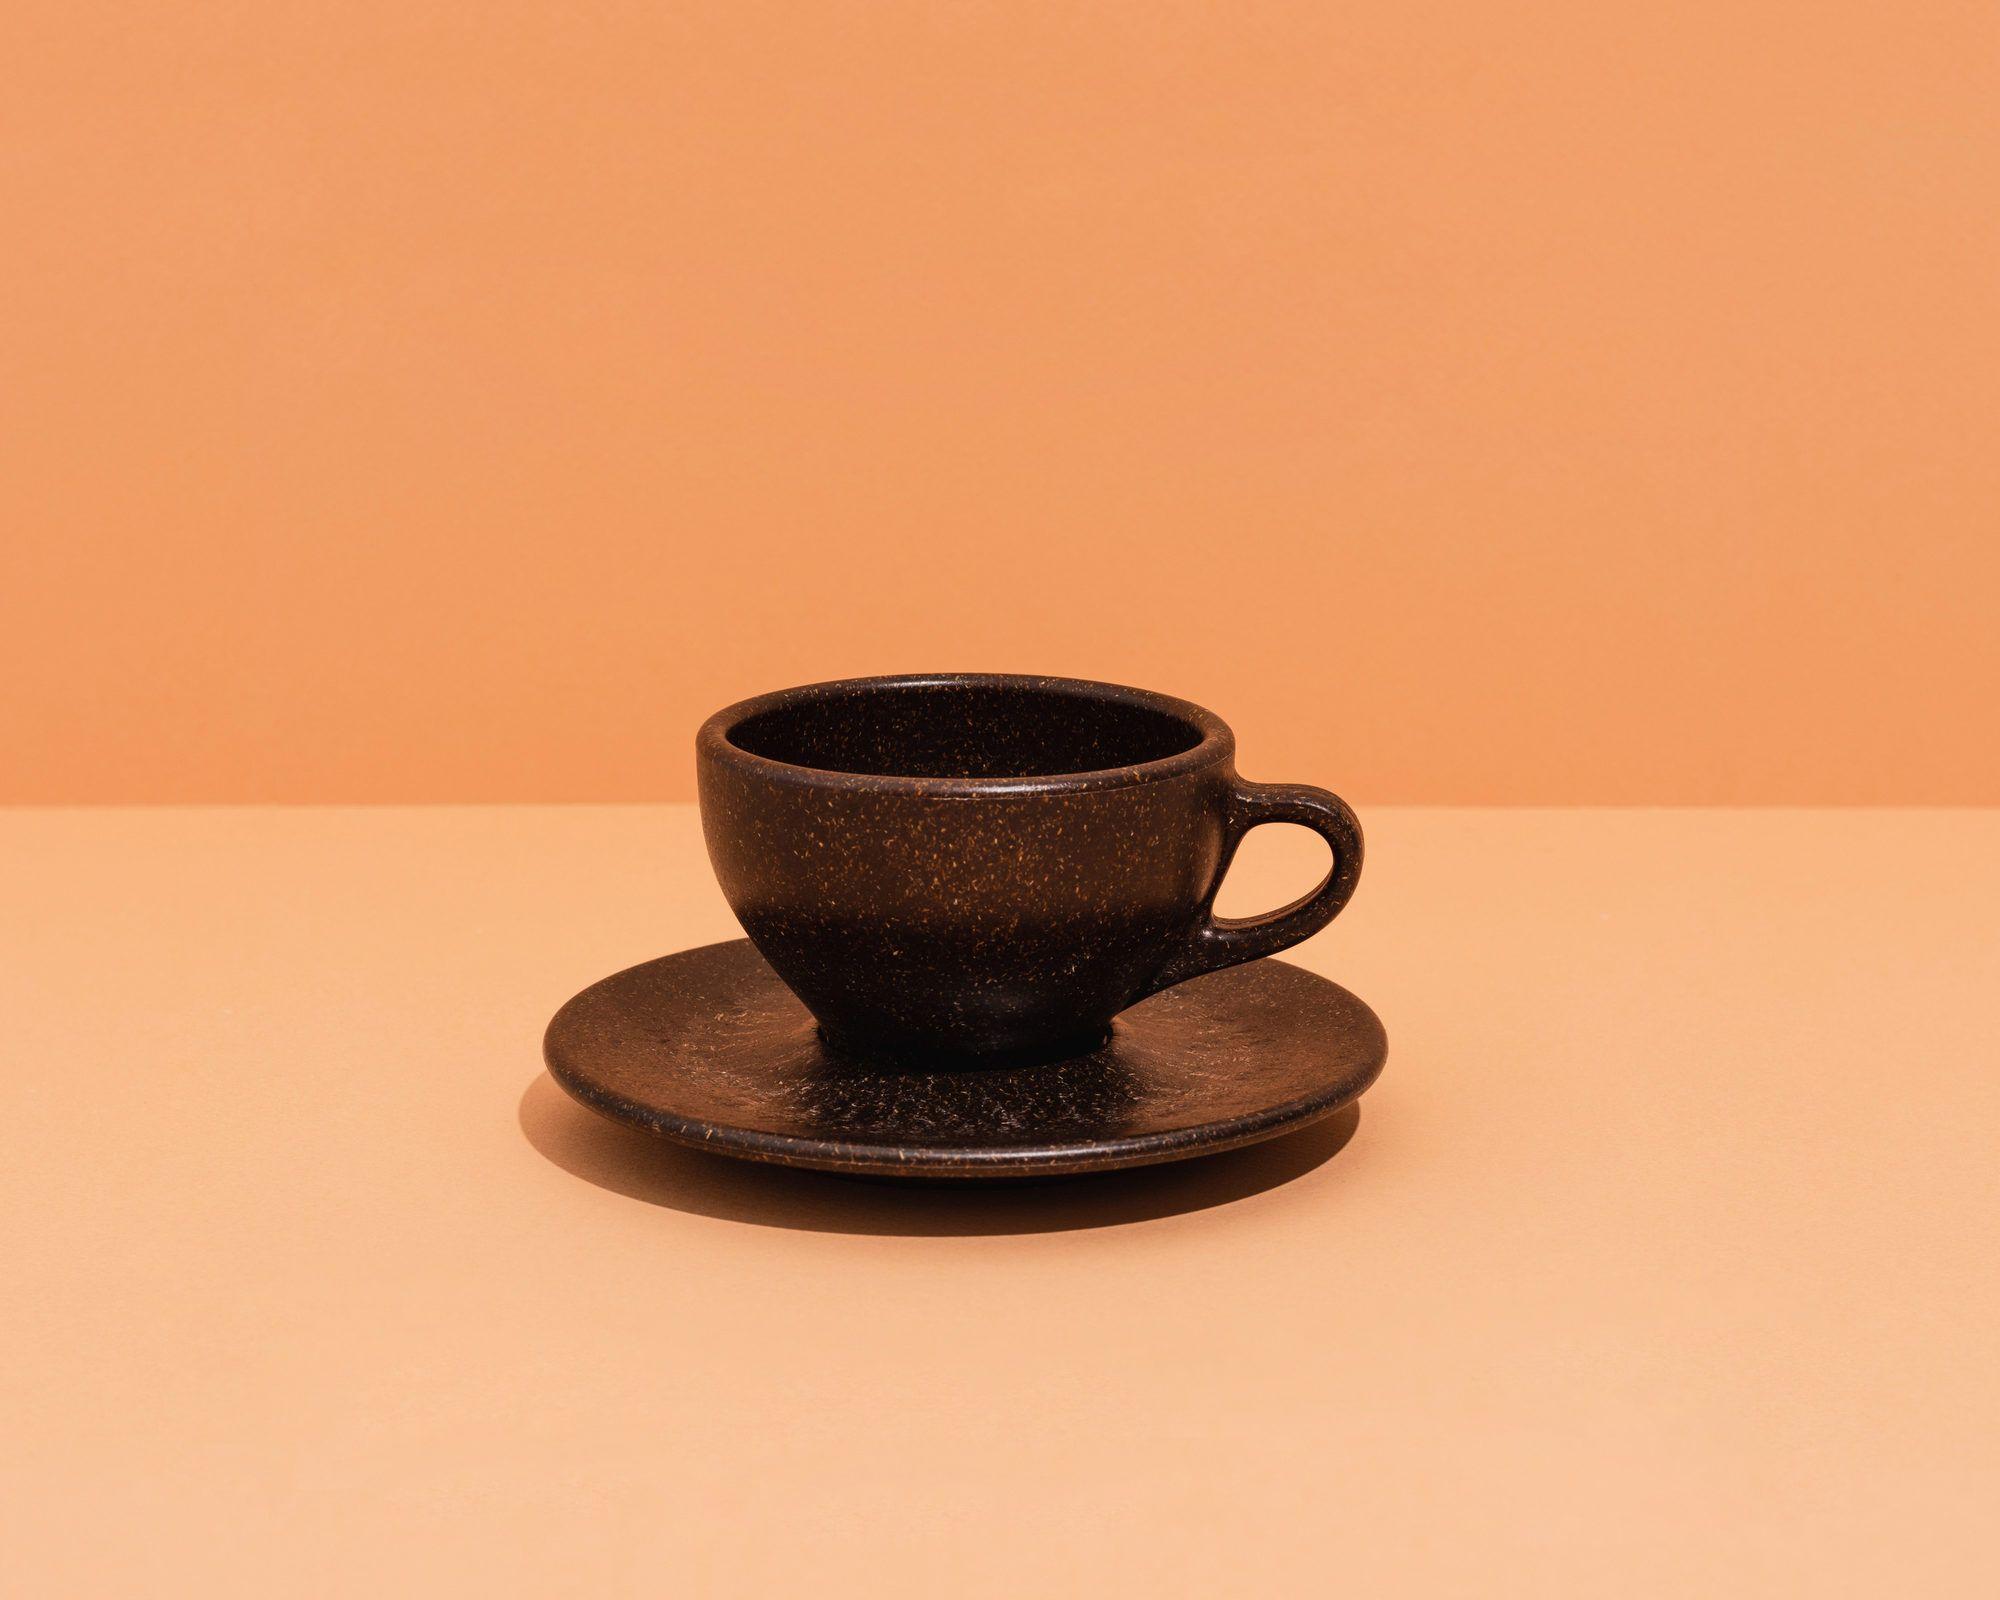 Kaffeeform Cappuccino Cup mit Untertasse mit orangenem Hintergrund